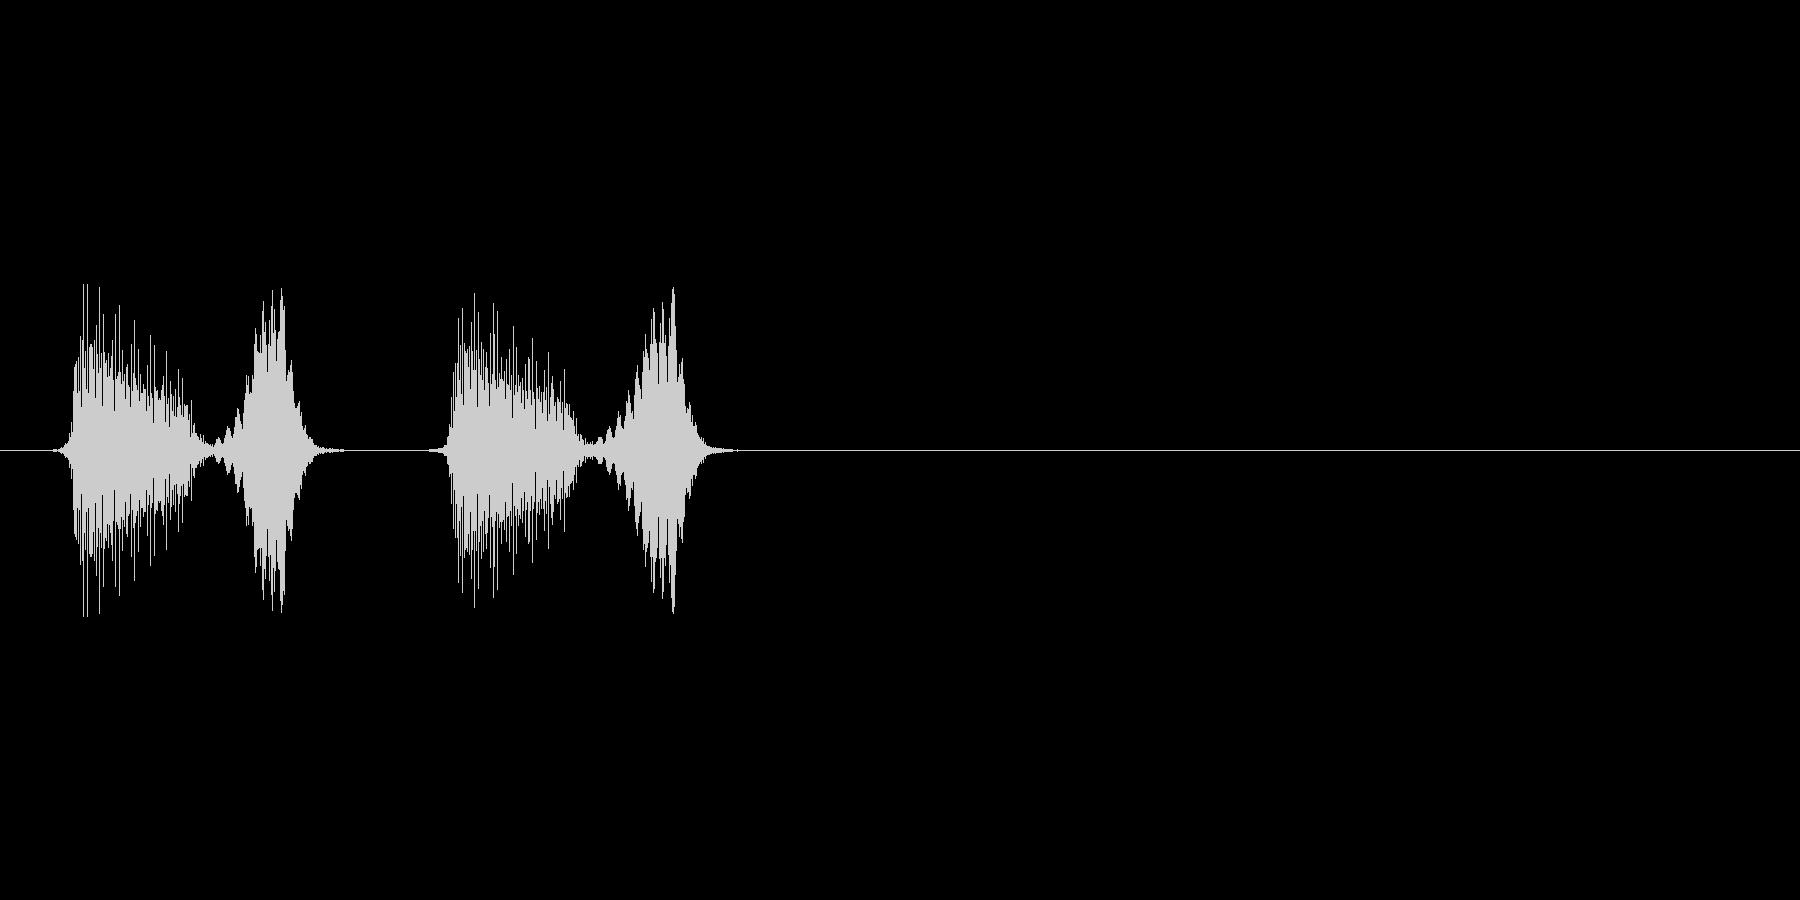 パフパフラッパ4二発 パフパフッの未再生の波形